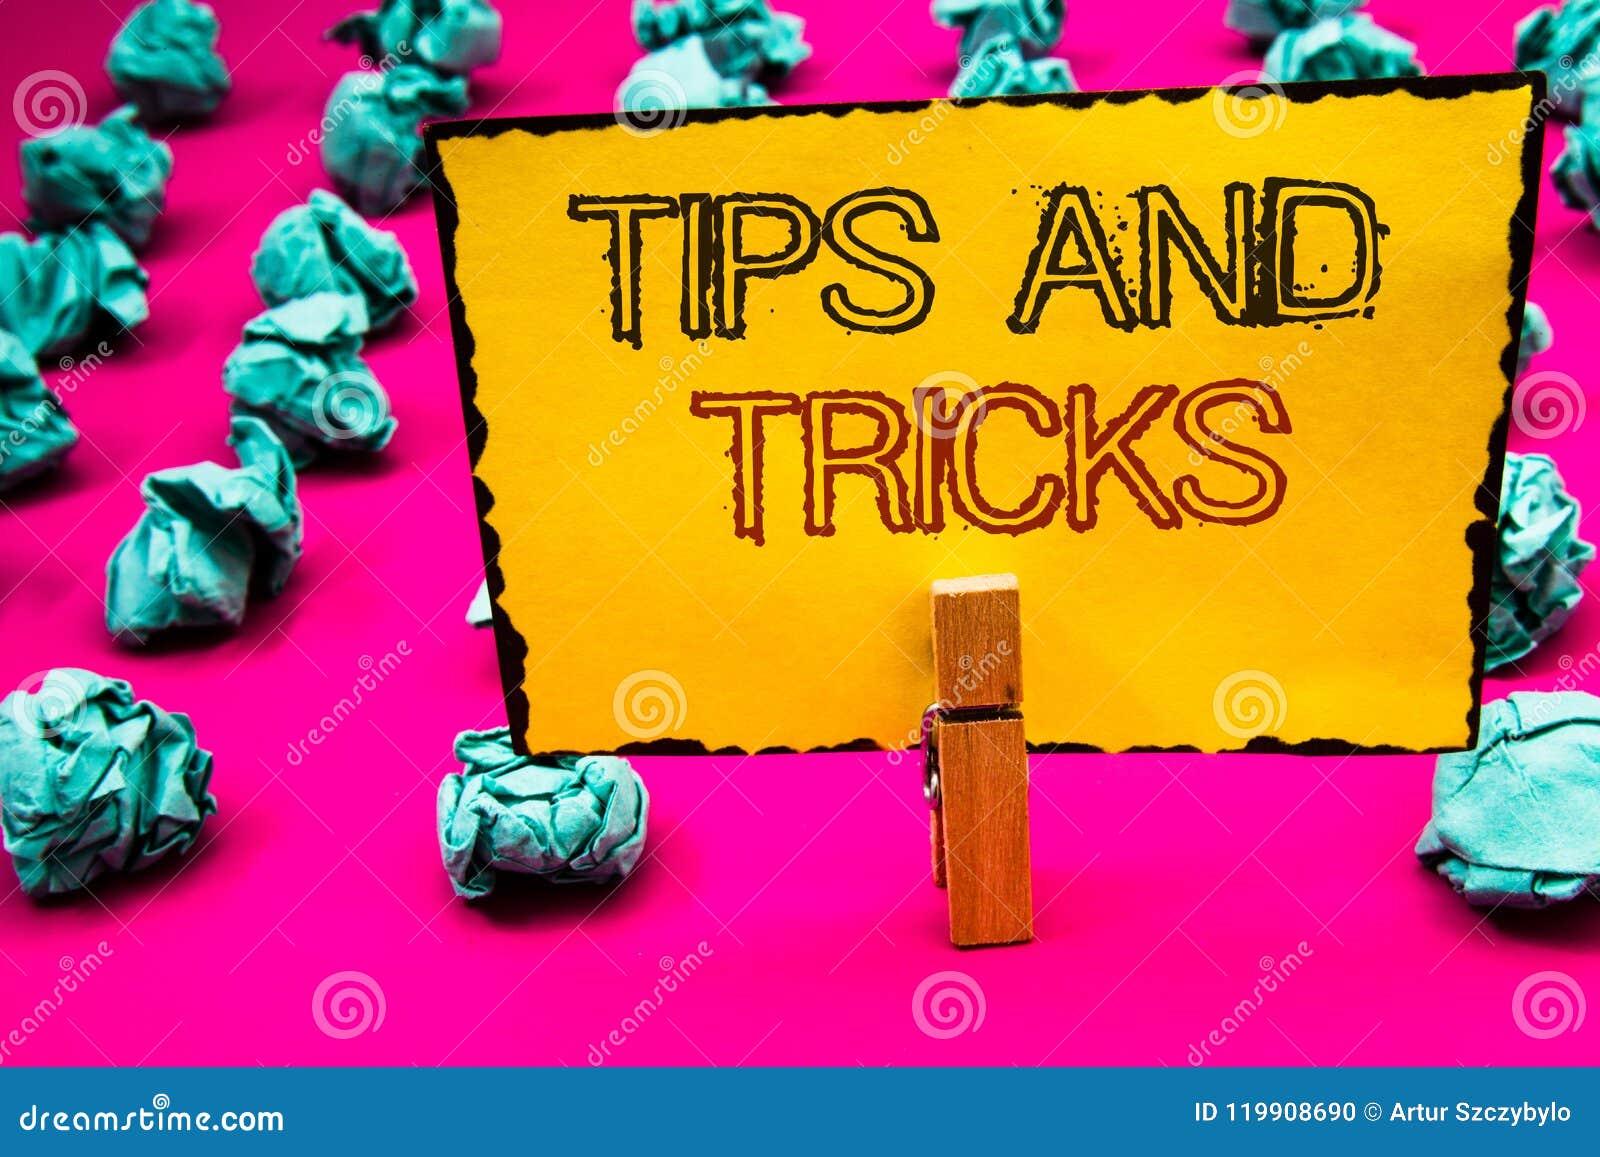 文本标志陈列打翻并且欺骗 做事更加容易的有用的忠告解答晒衣夹的概念性照片建议举行ho